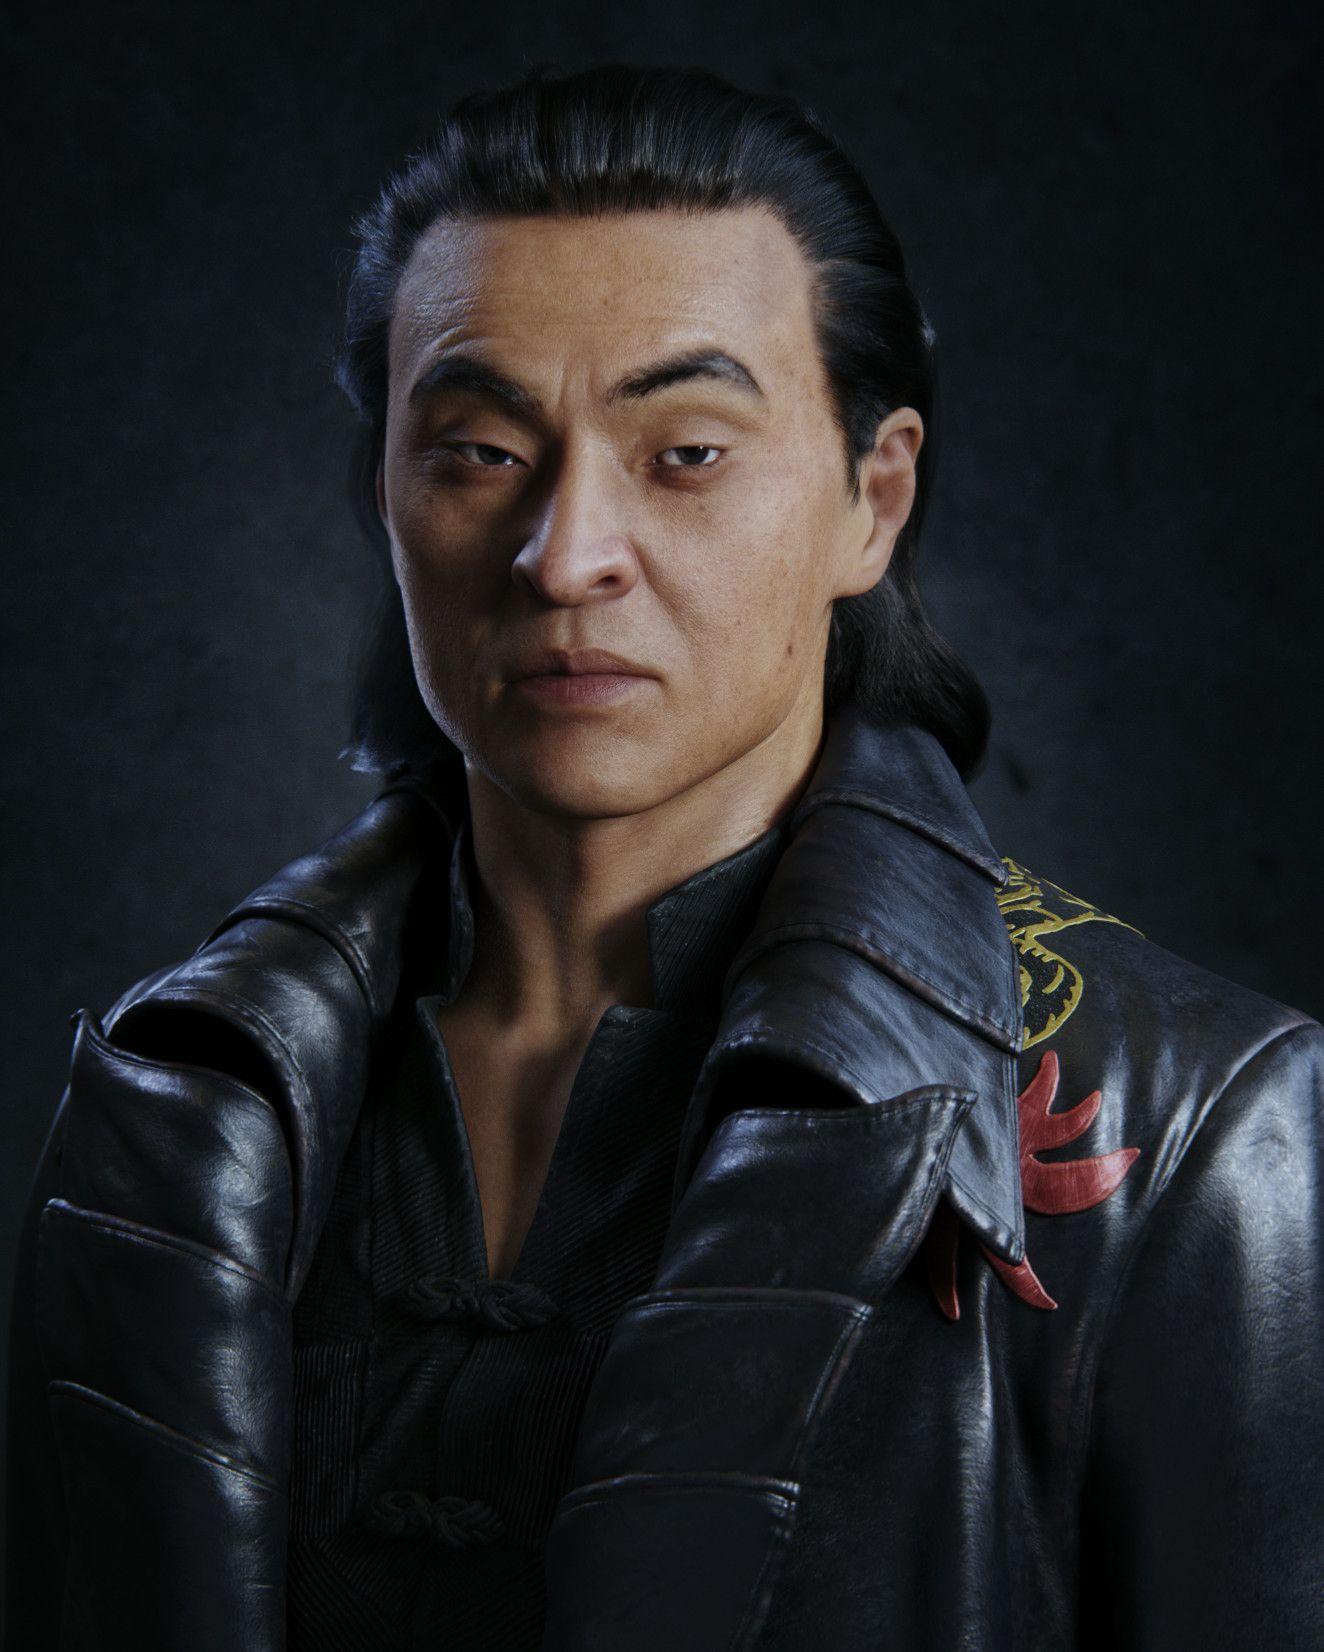 Pin By Andrej Nodnord On Mortal Kombat In 2020 Street Fighter Ex Mortal Kombat Cary Hiroyuki Tagawa